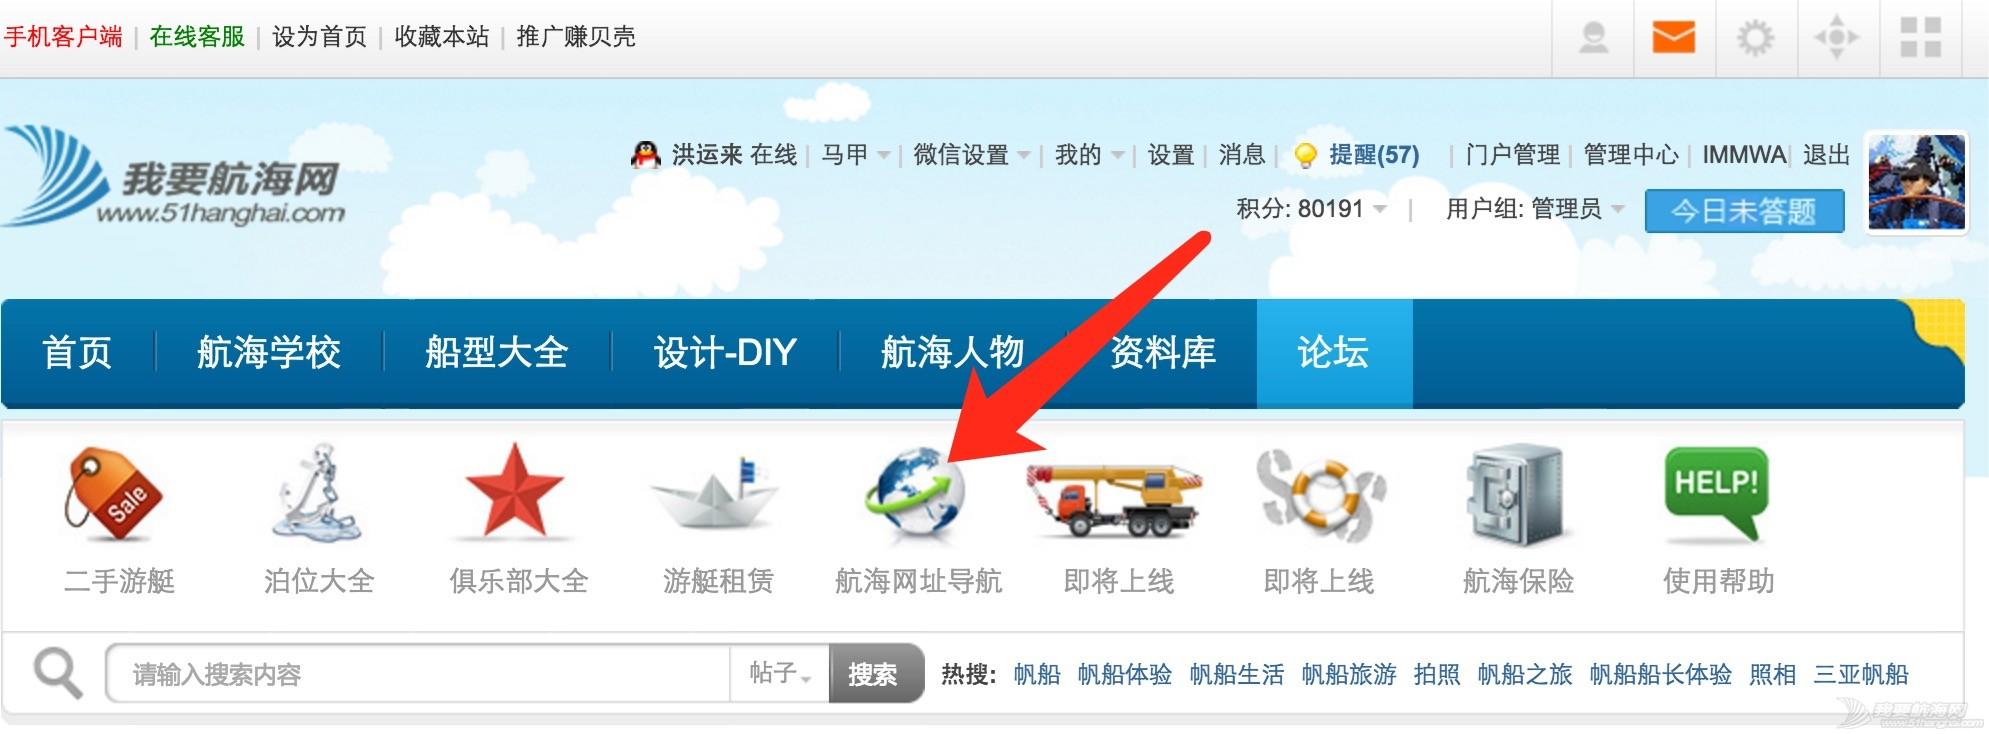 板材,德国,网站 德国一个可以买图纸和裁好的板材自己回家粘合小船的网站